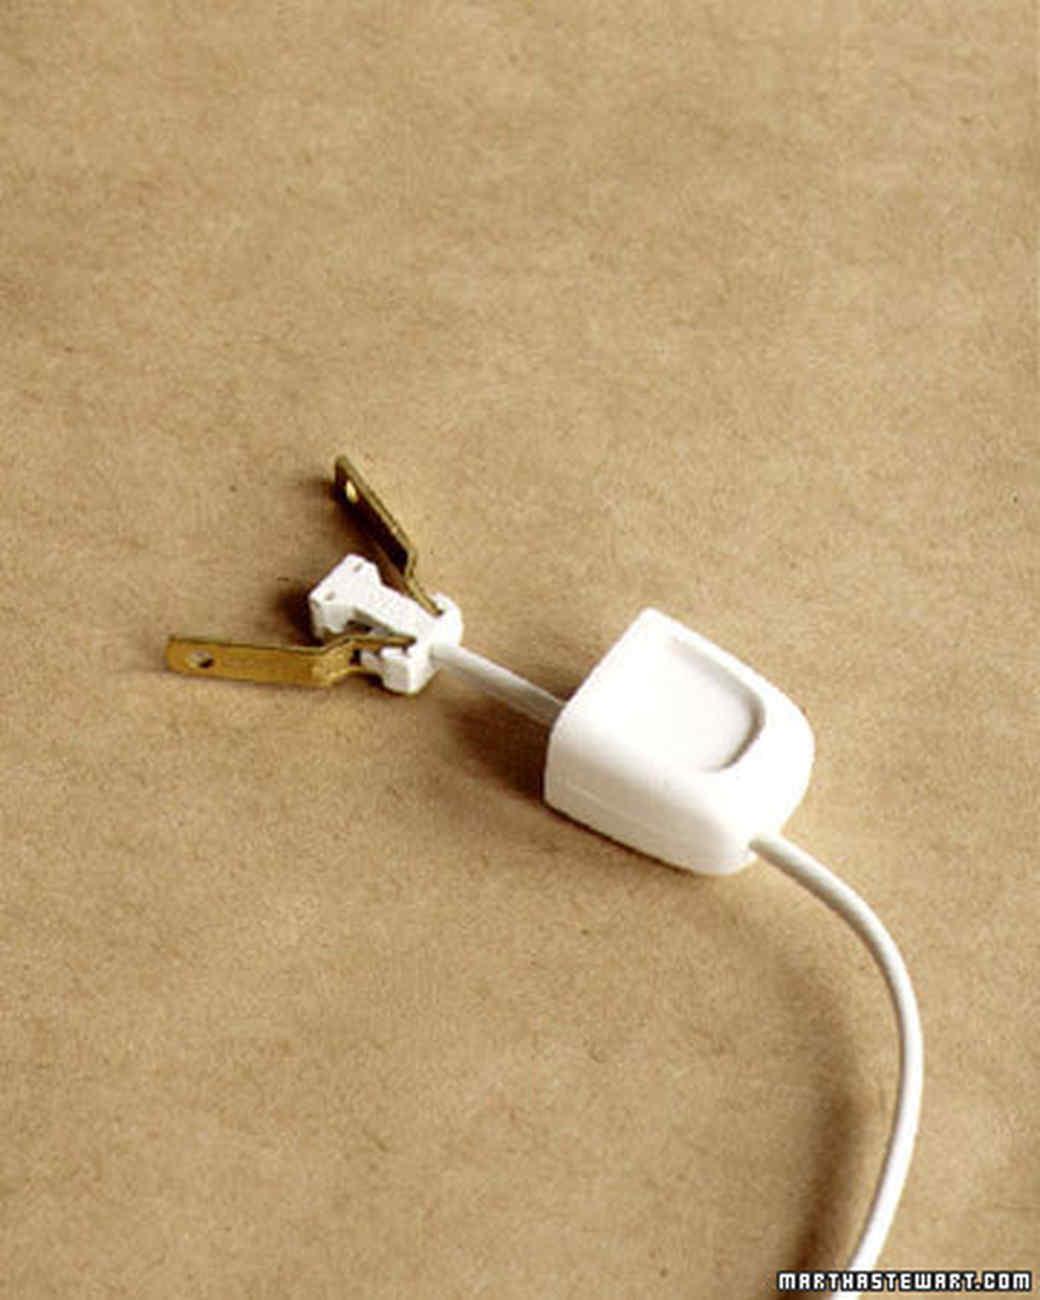 rewiring a lamp martha stewart rh marthastewart com Rewire a Lamp Switch Rewire a Lamp Switch